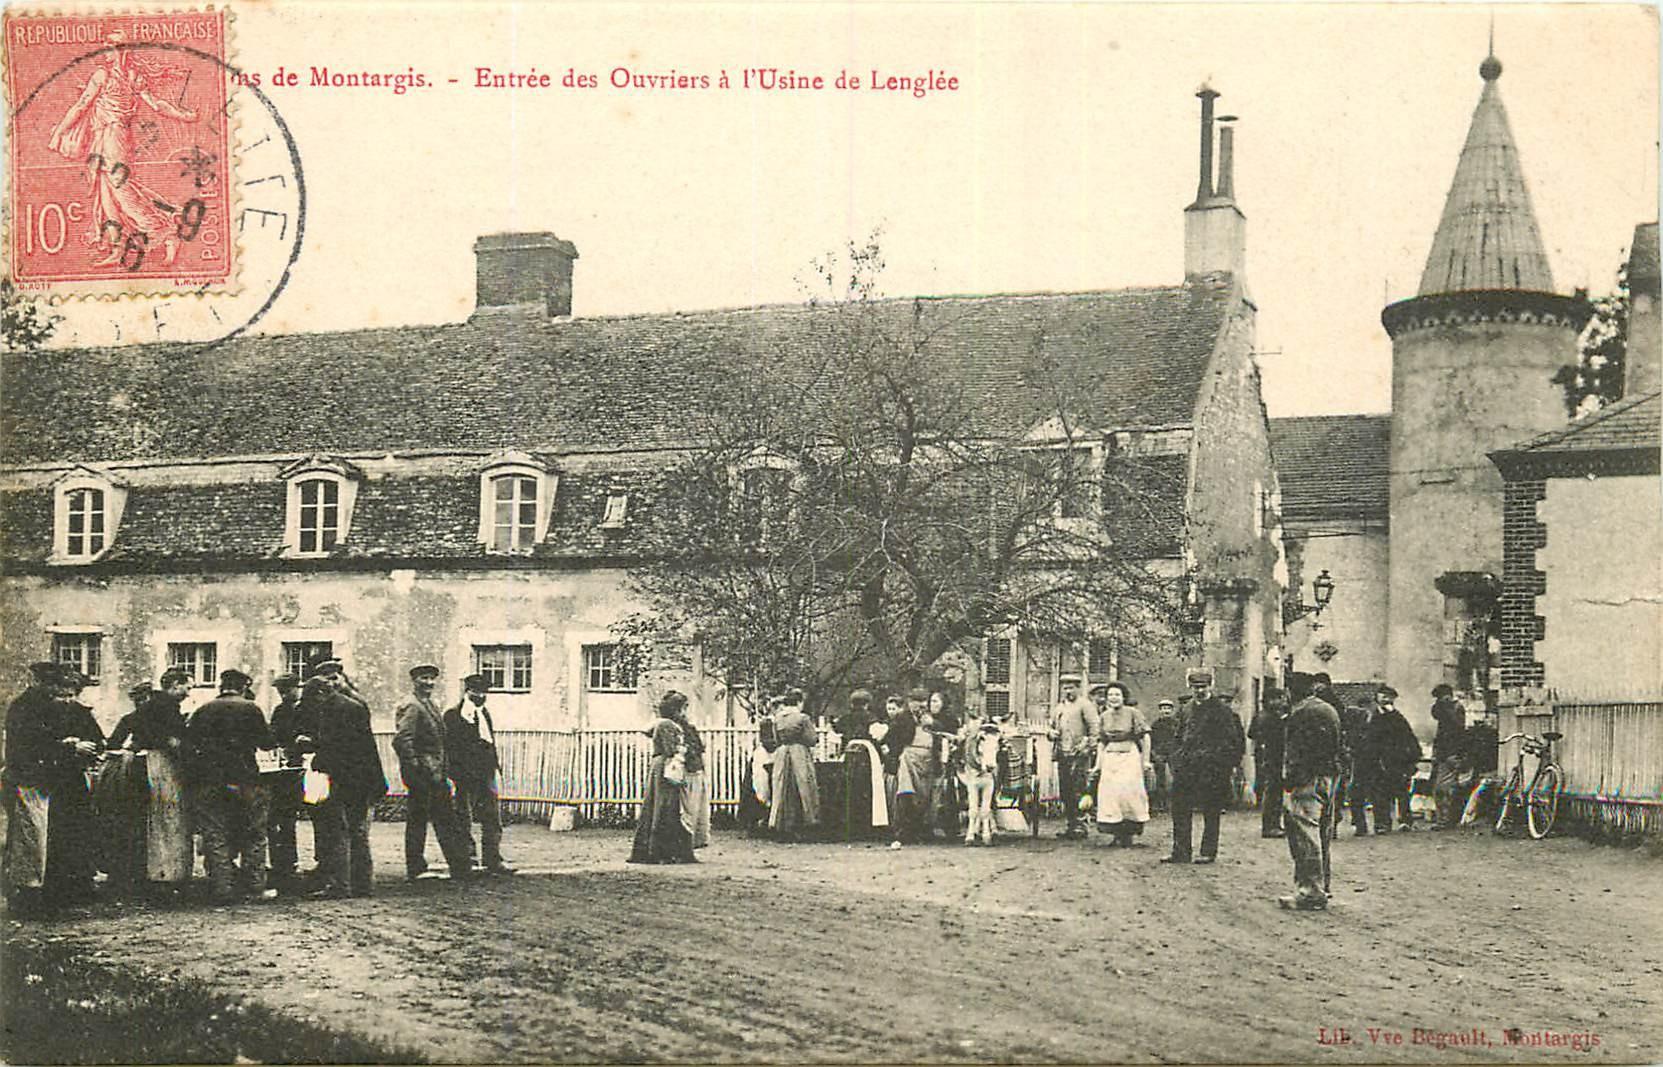 WW 45 MONTARGIS. Ouvriers autour de la Buvette ambulante devant l'Usine de Lenglée 1906